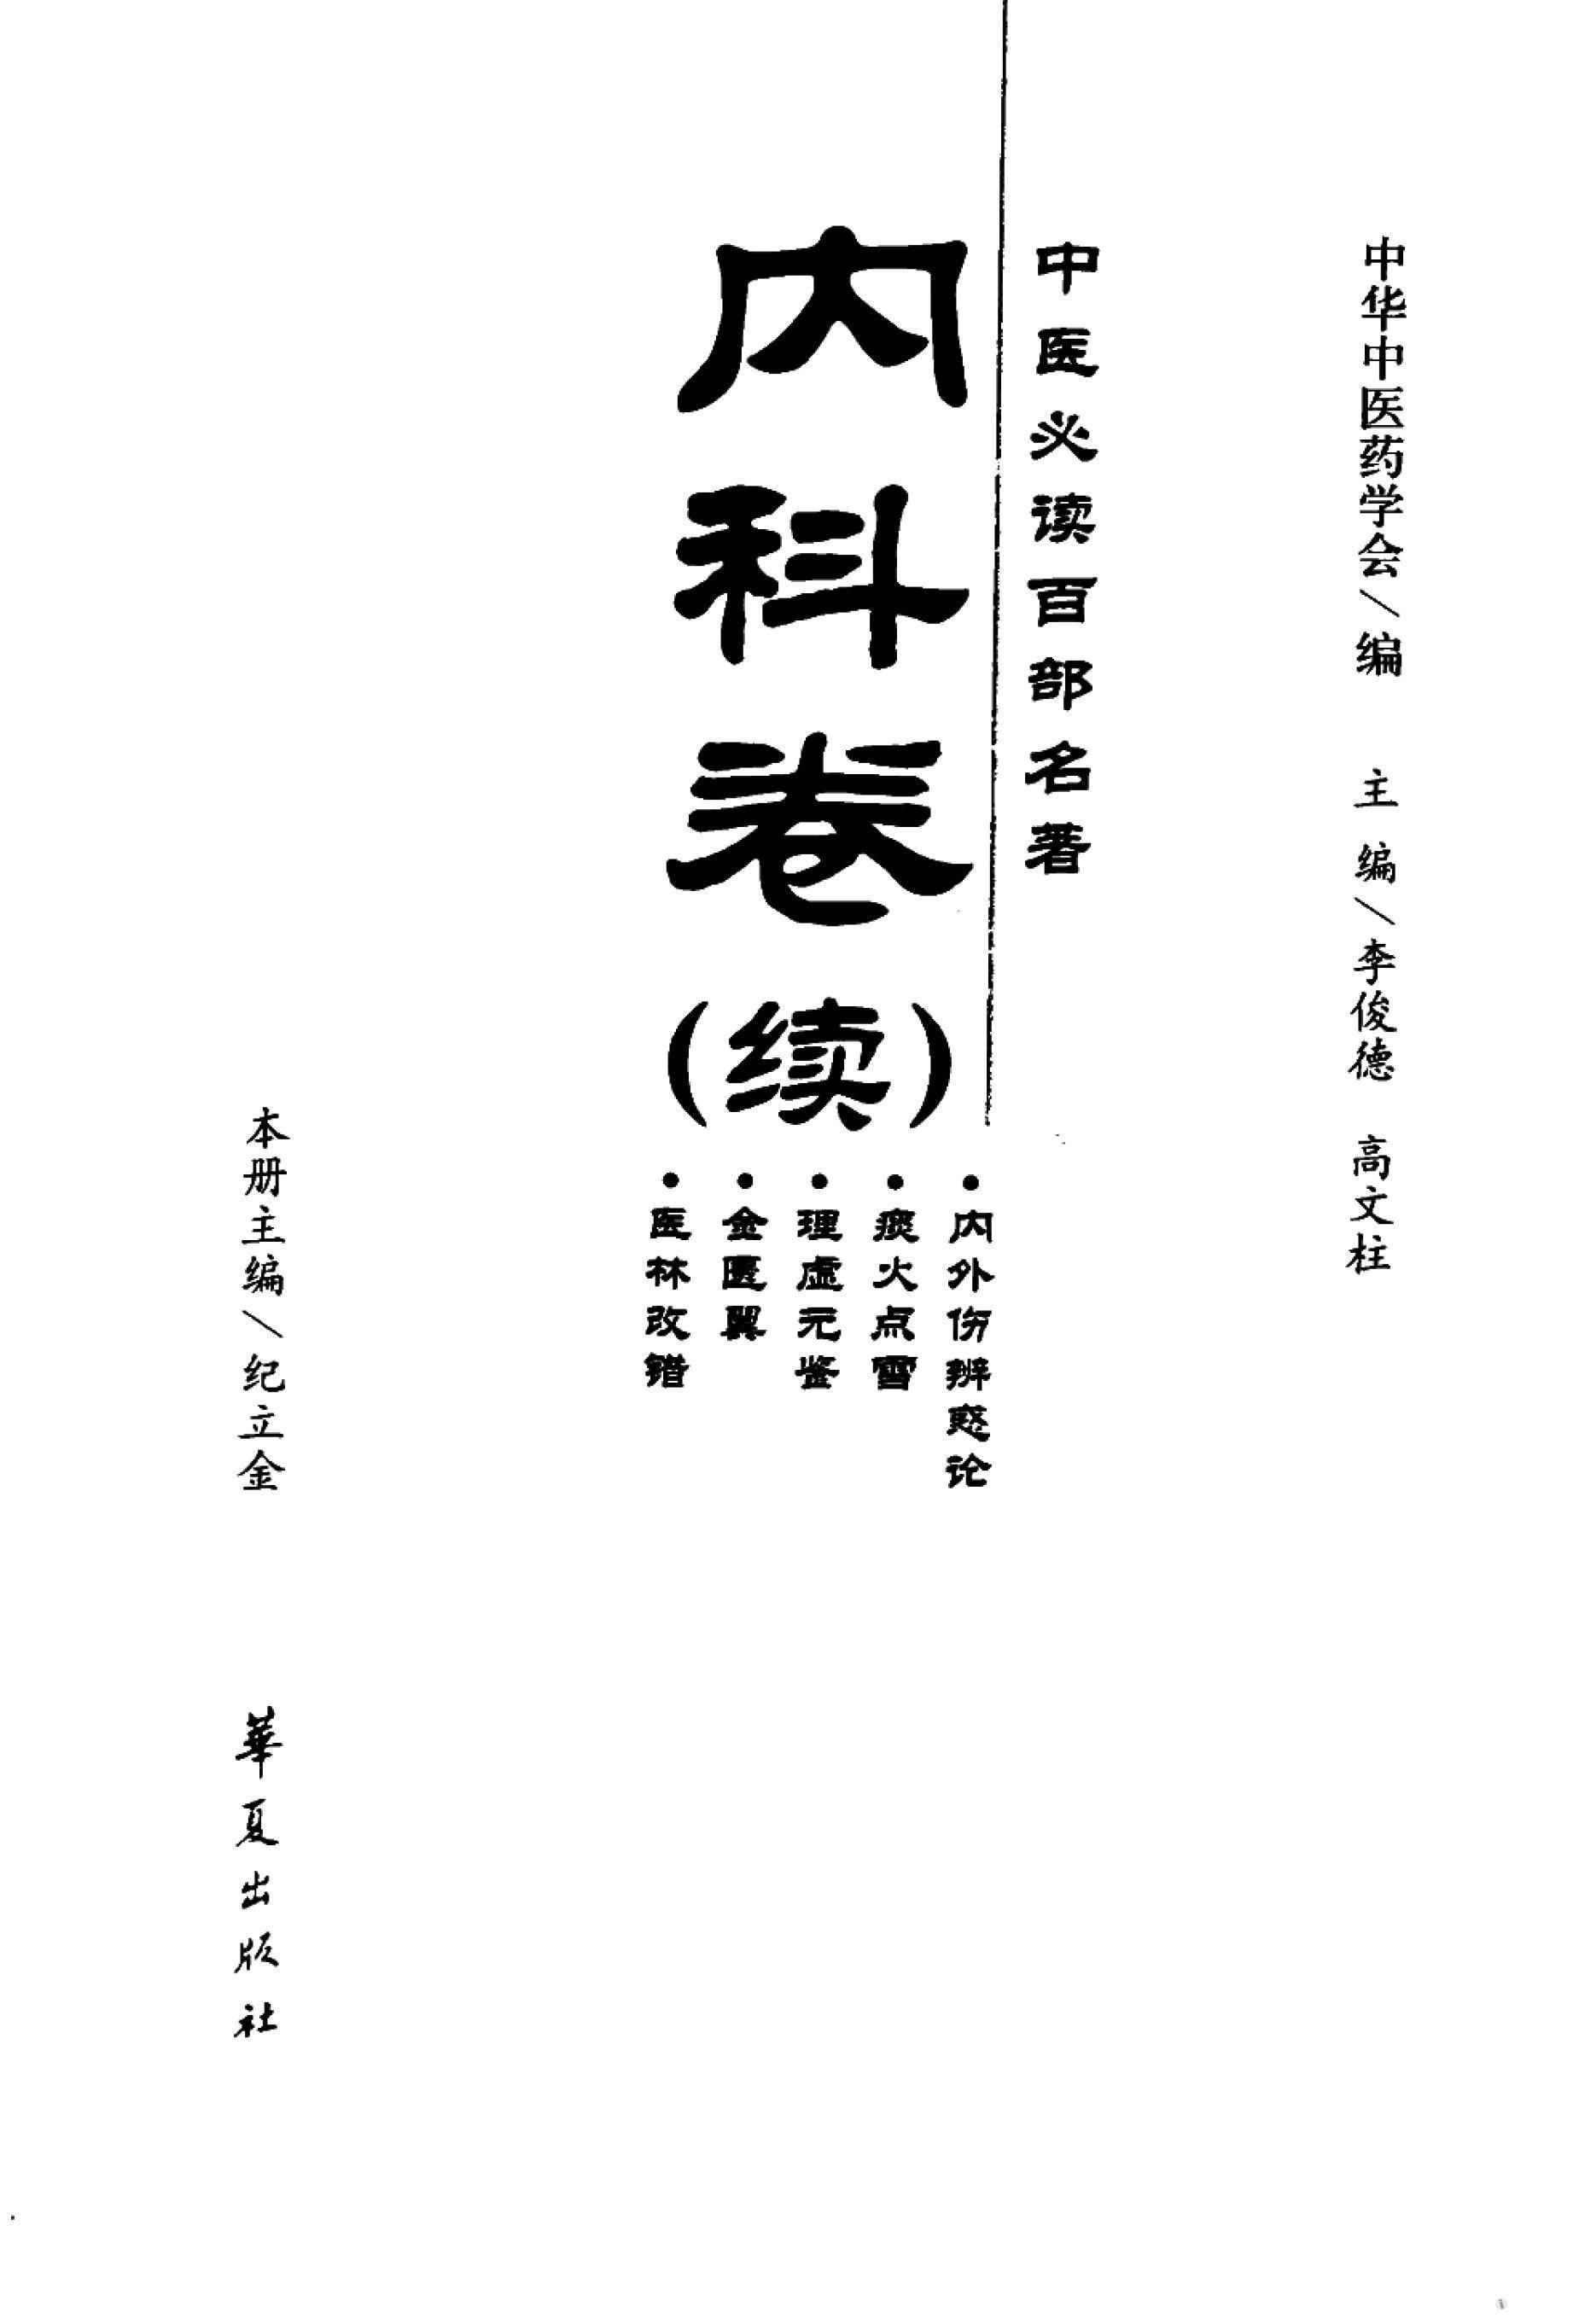 中医必读百部名著 内科卷(续)_12264867_02.jpg